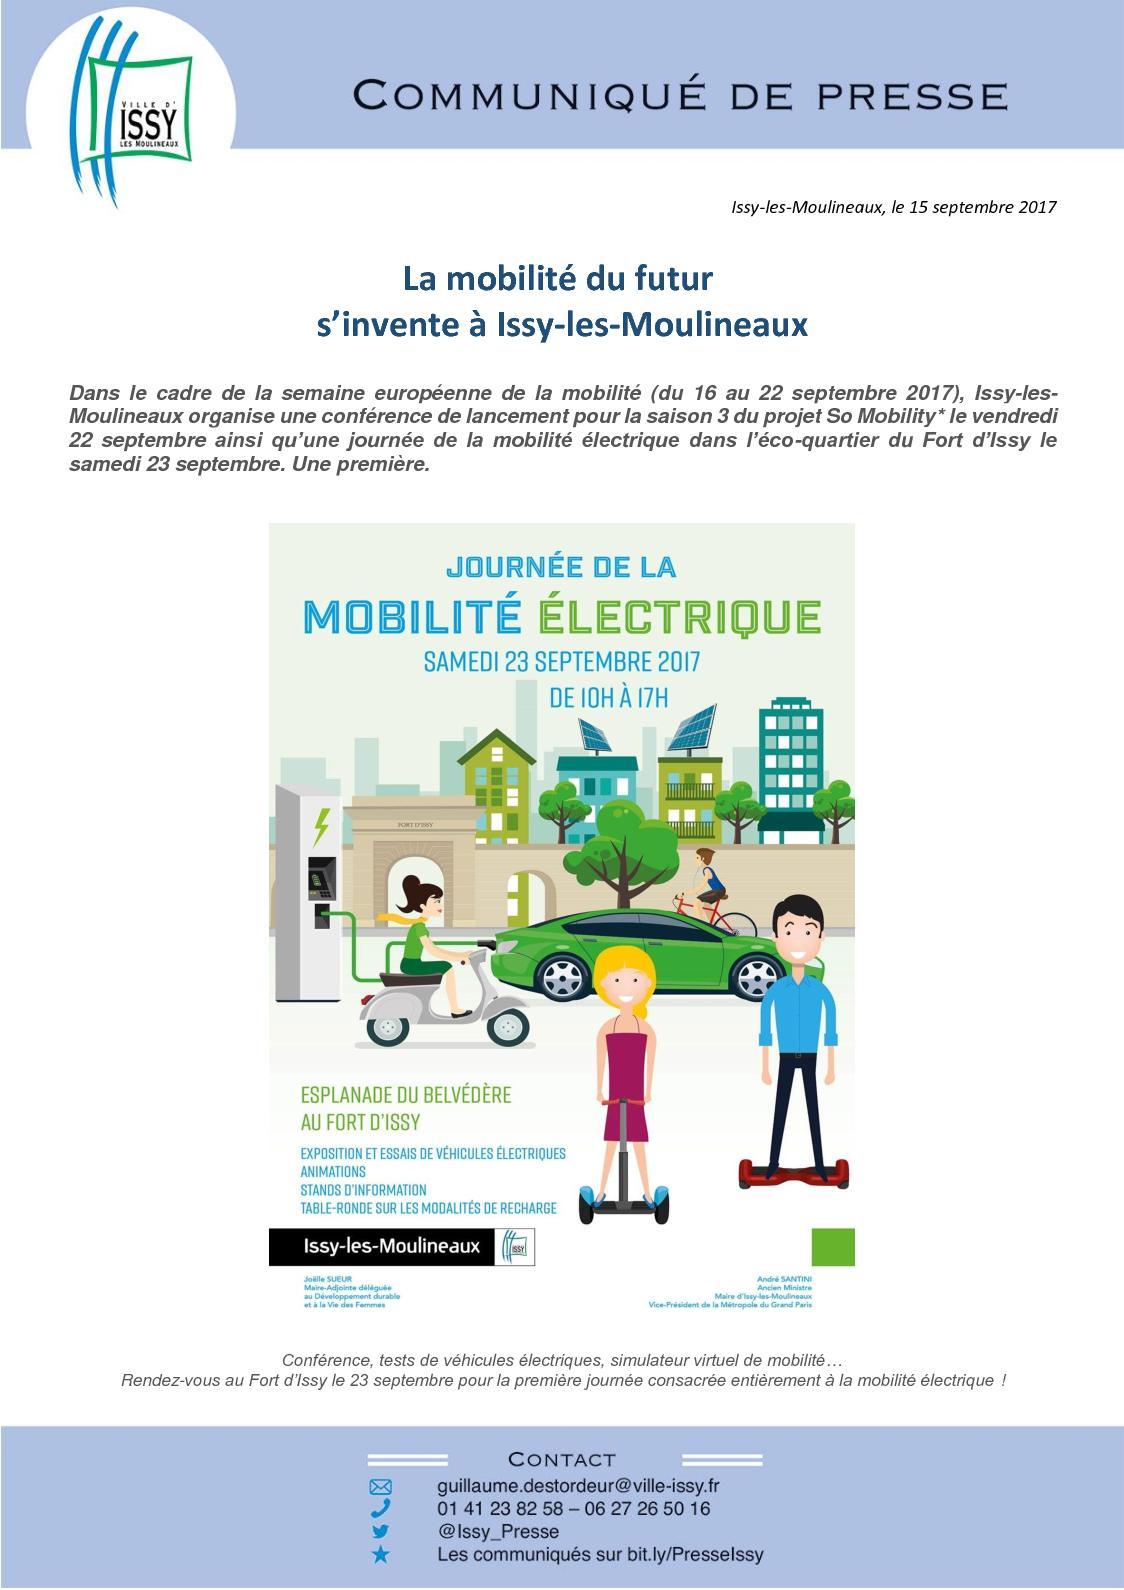 Calam o communiqu de presse la mobilit du futur s - Office du tourisme issy les moulineaux ...